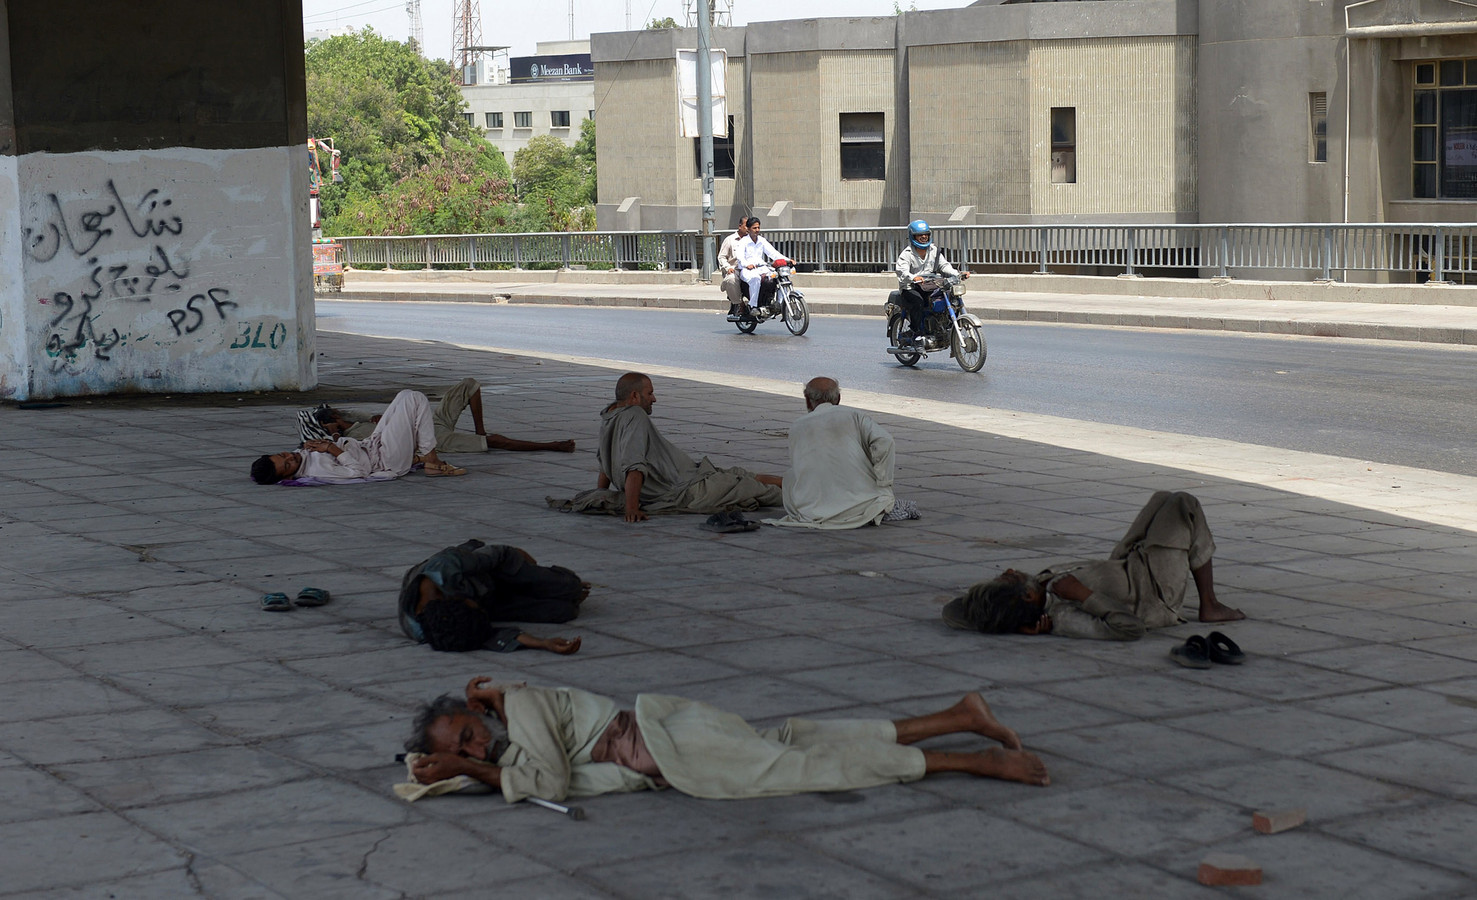 Mannen in het Pakistaanse Karachi zoeken beschutting onder een brug tijdens de hittegolf van 2015. Duizenden mensen, onder wie veel daklozen, kwamen destijds om het leven.